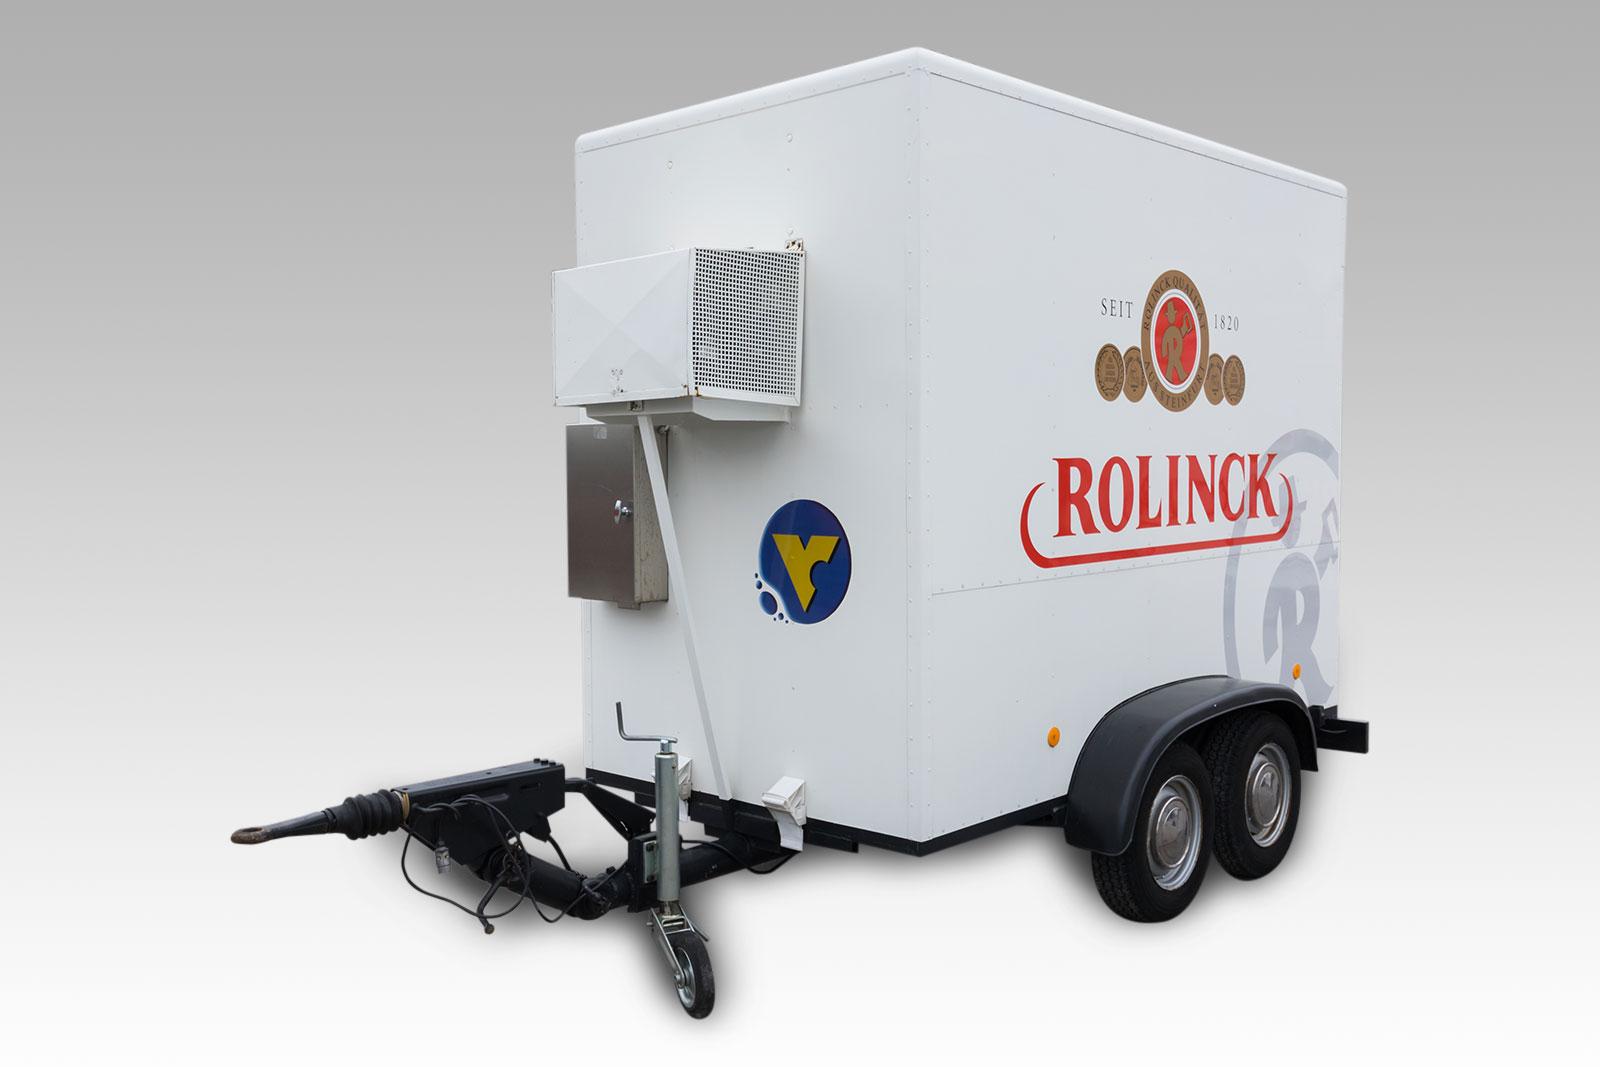 Rolinck Kühlanhänger 2,6 t Bild 01